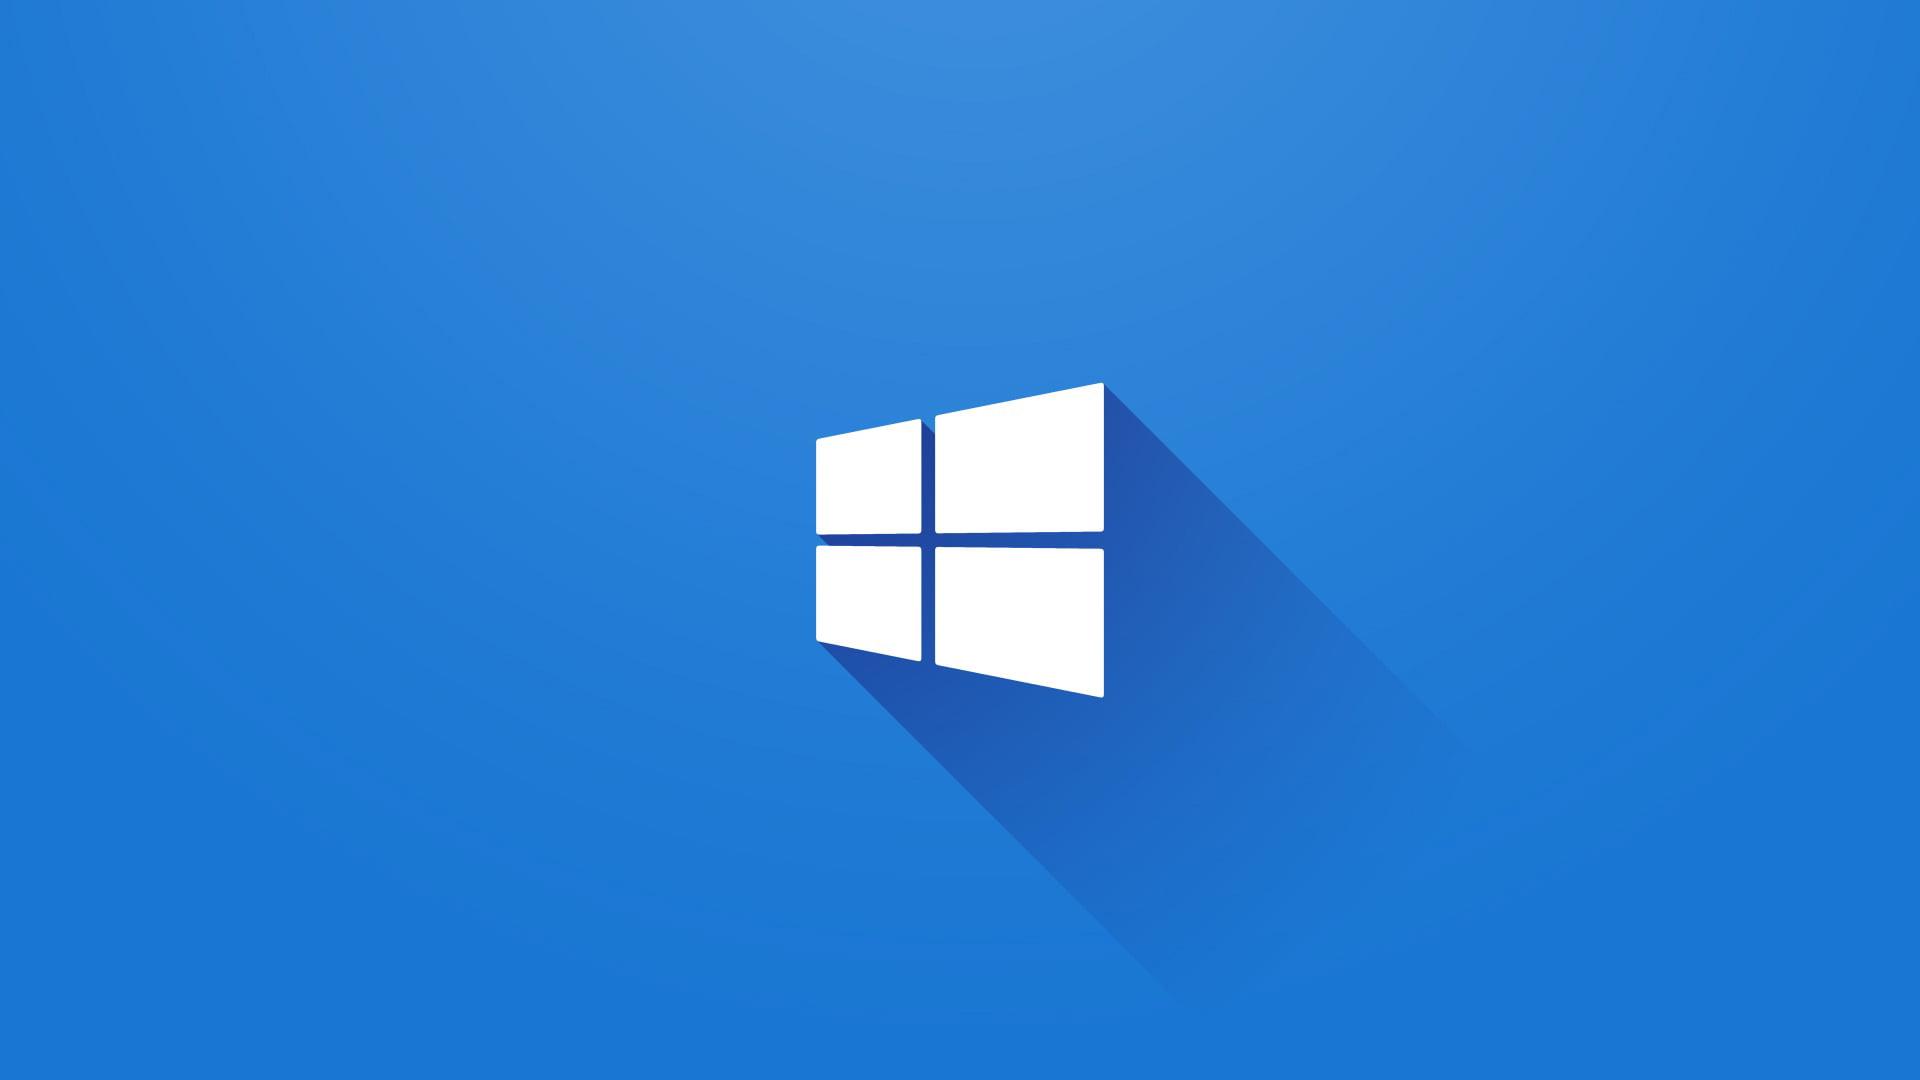 Logo de Windows con aspecto tridimensional y sombra